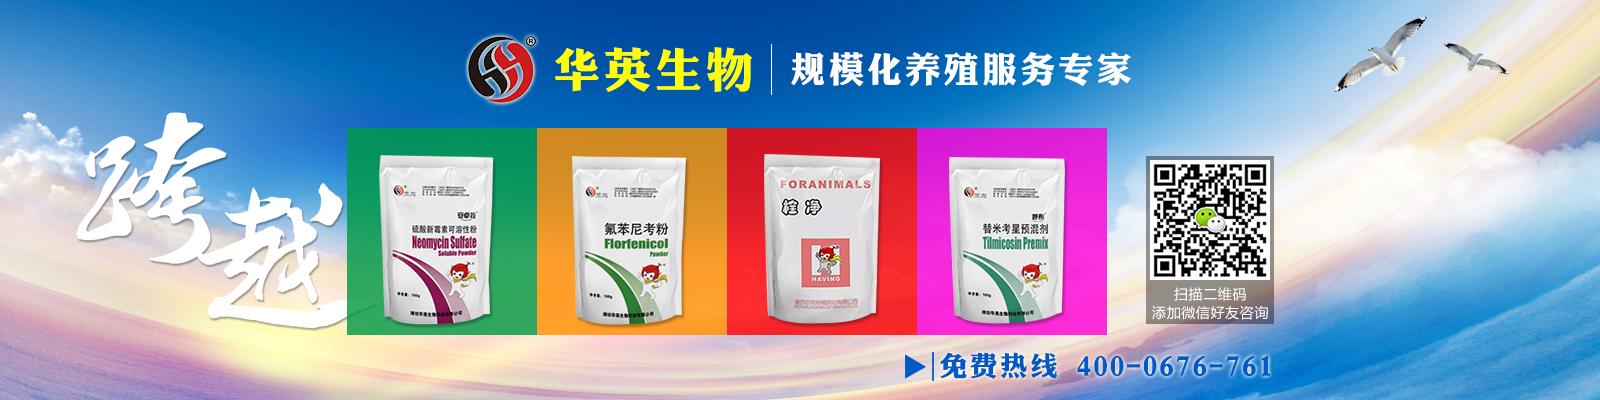 潍坊华英生物科技有限公司